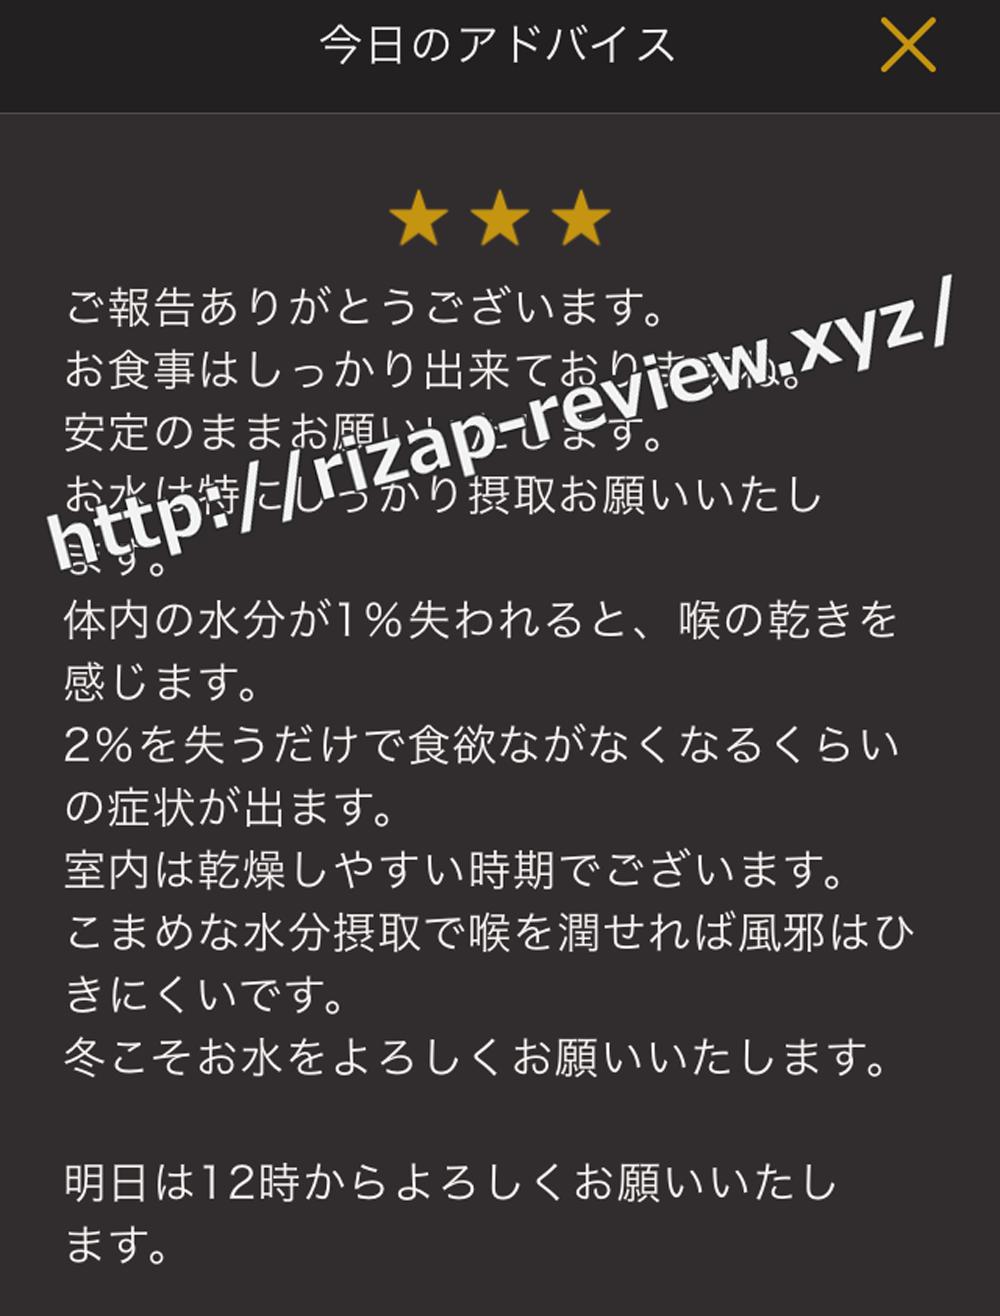 2018.1.16(水)ライザップ担当トレーナーからの総評・コメント